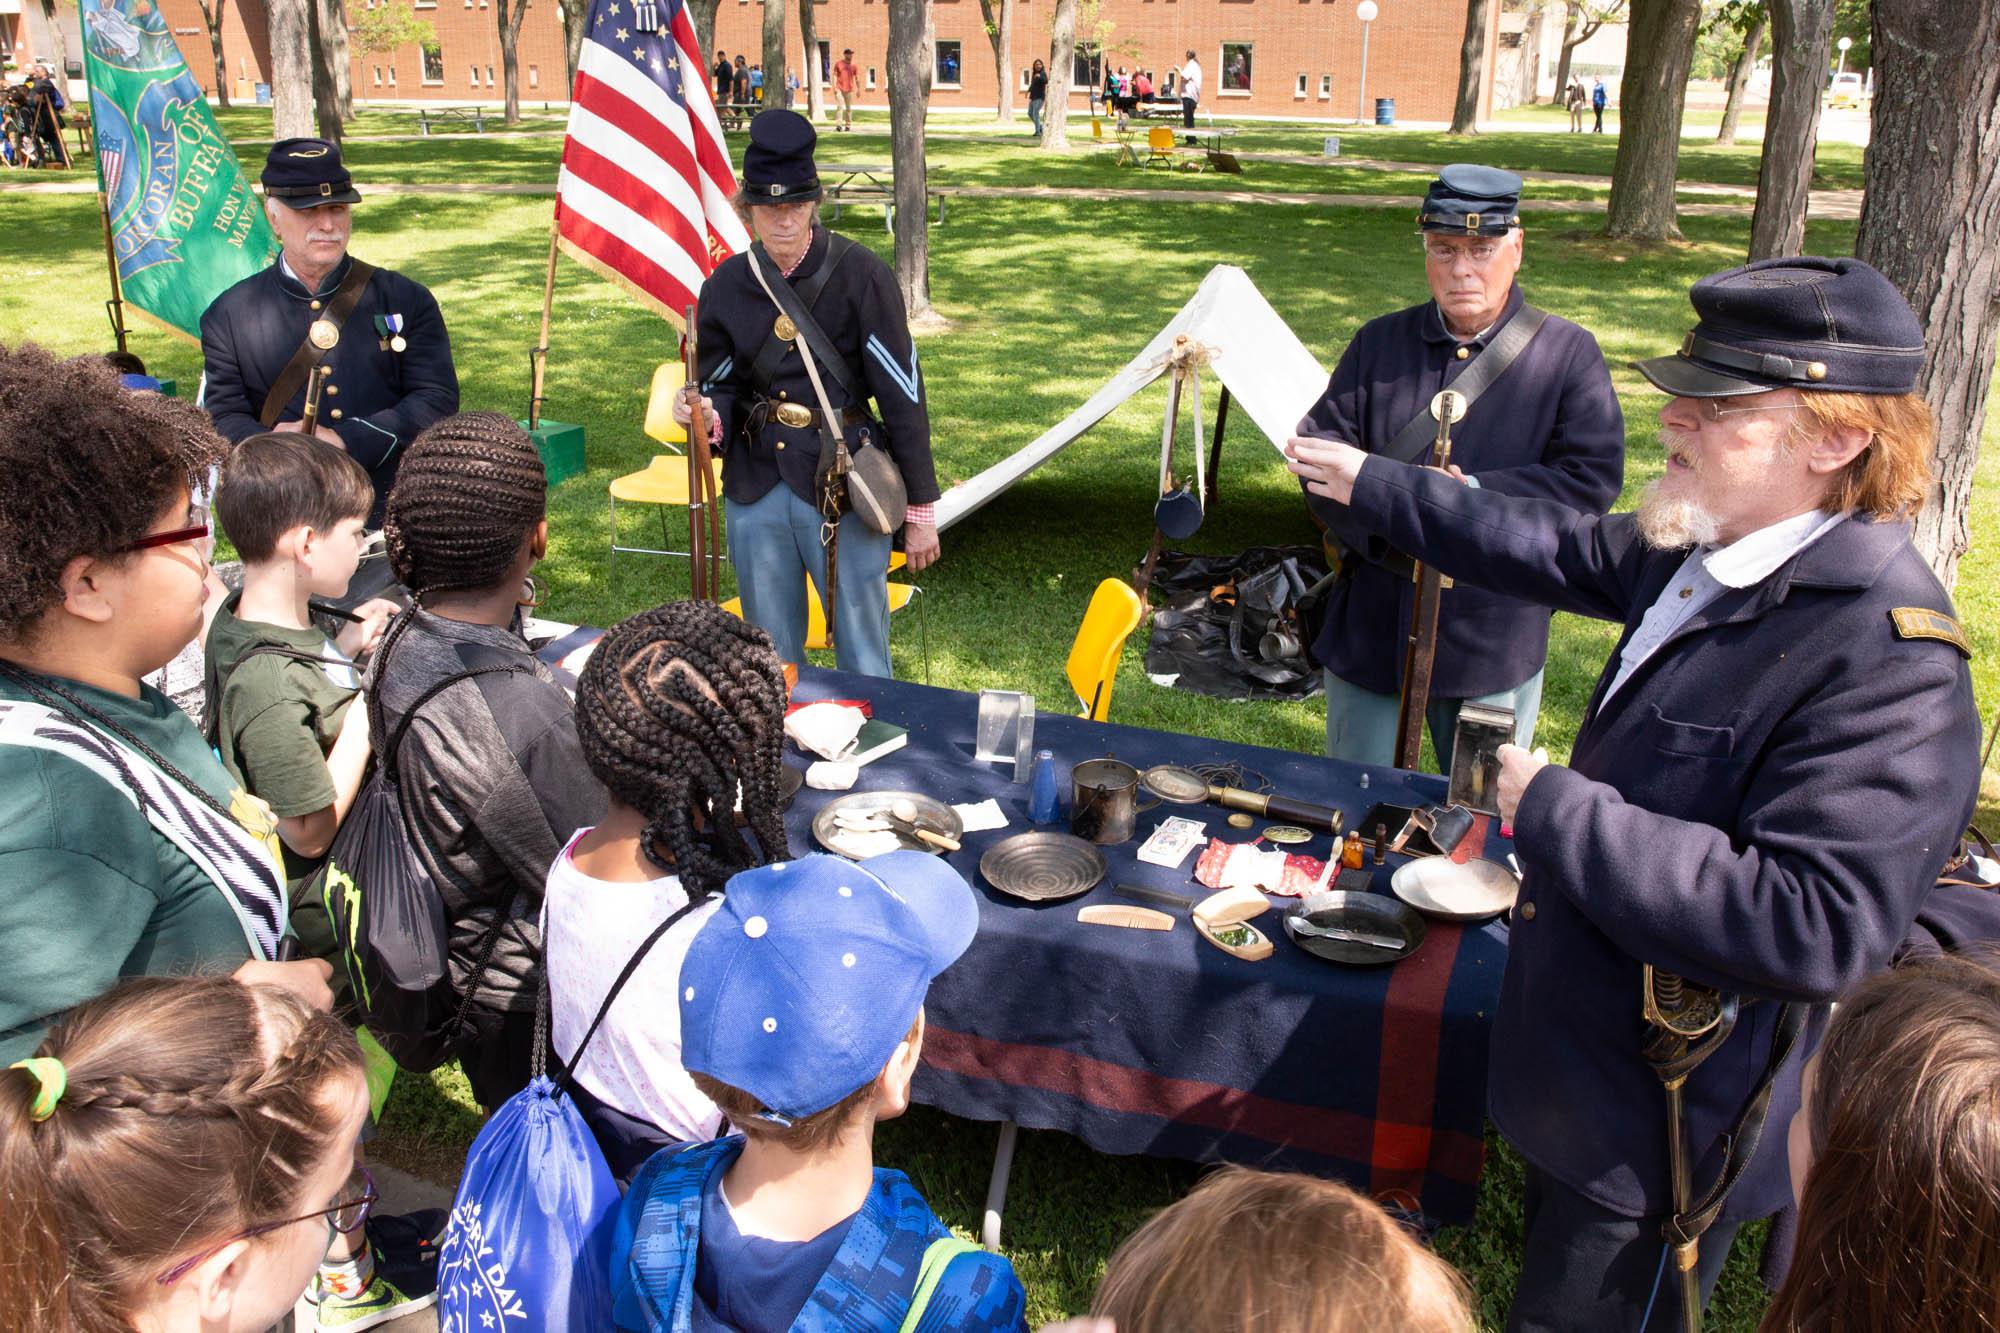 Reenactors at Living History Day